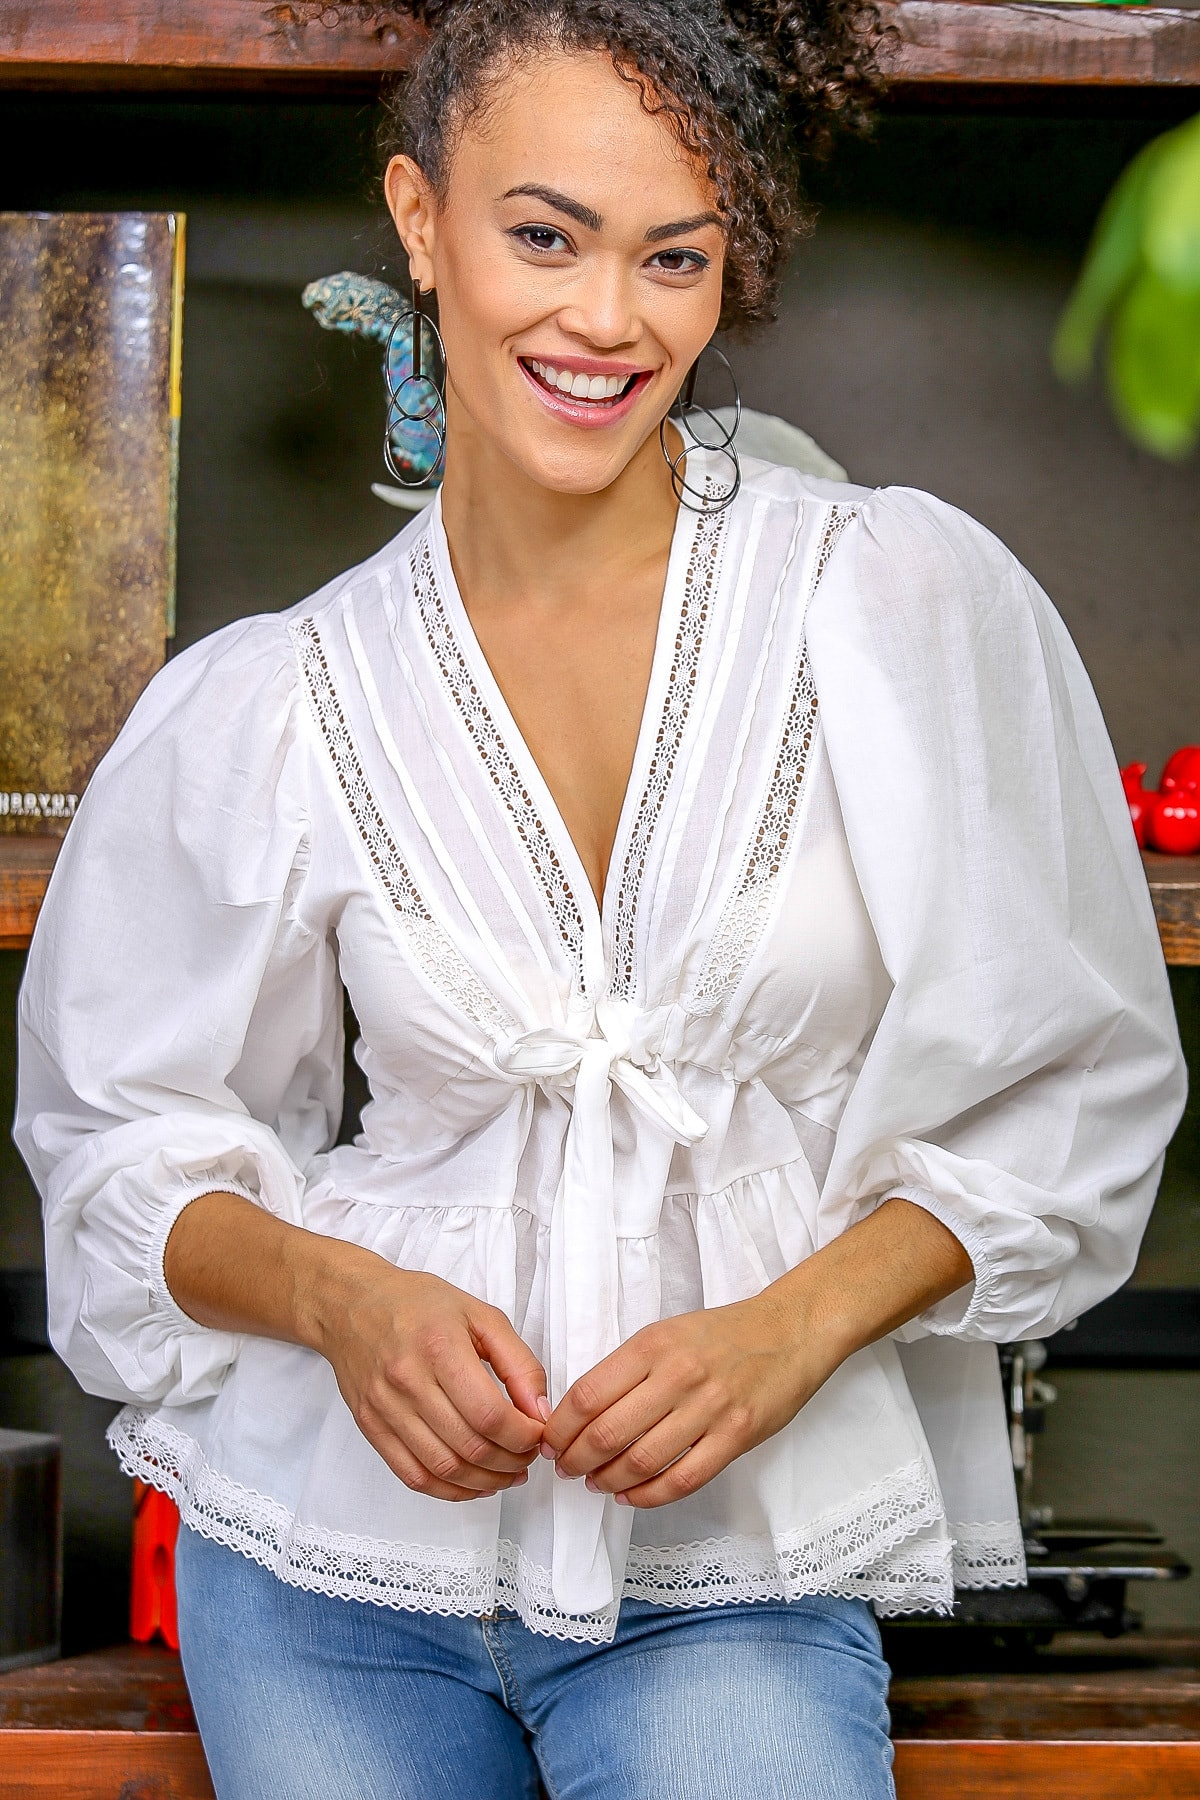 Chiccy Kadın Beyaz Dantel Detaylı V Yaka Bağlamalı Büzgülü Balon Kol Etek Ucu Dantel Bluz M10010200BL96381 1